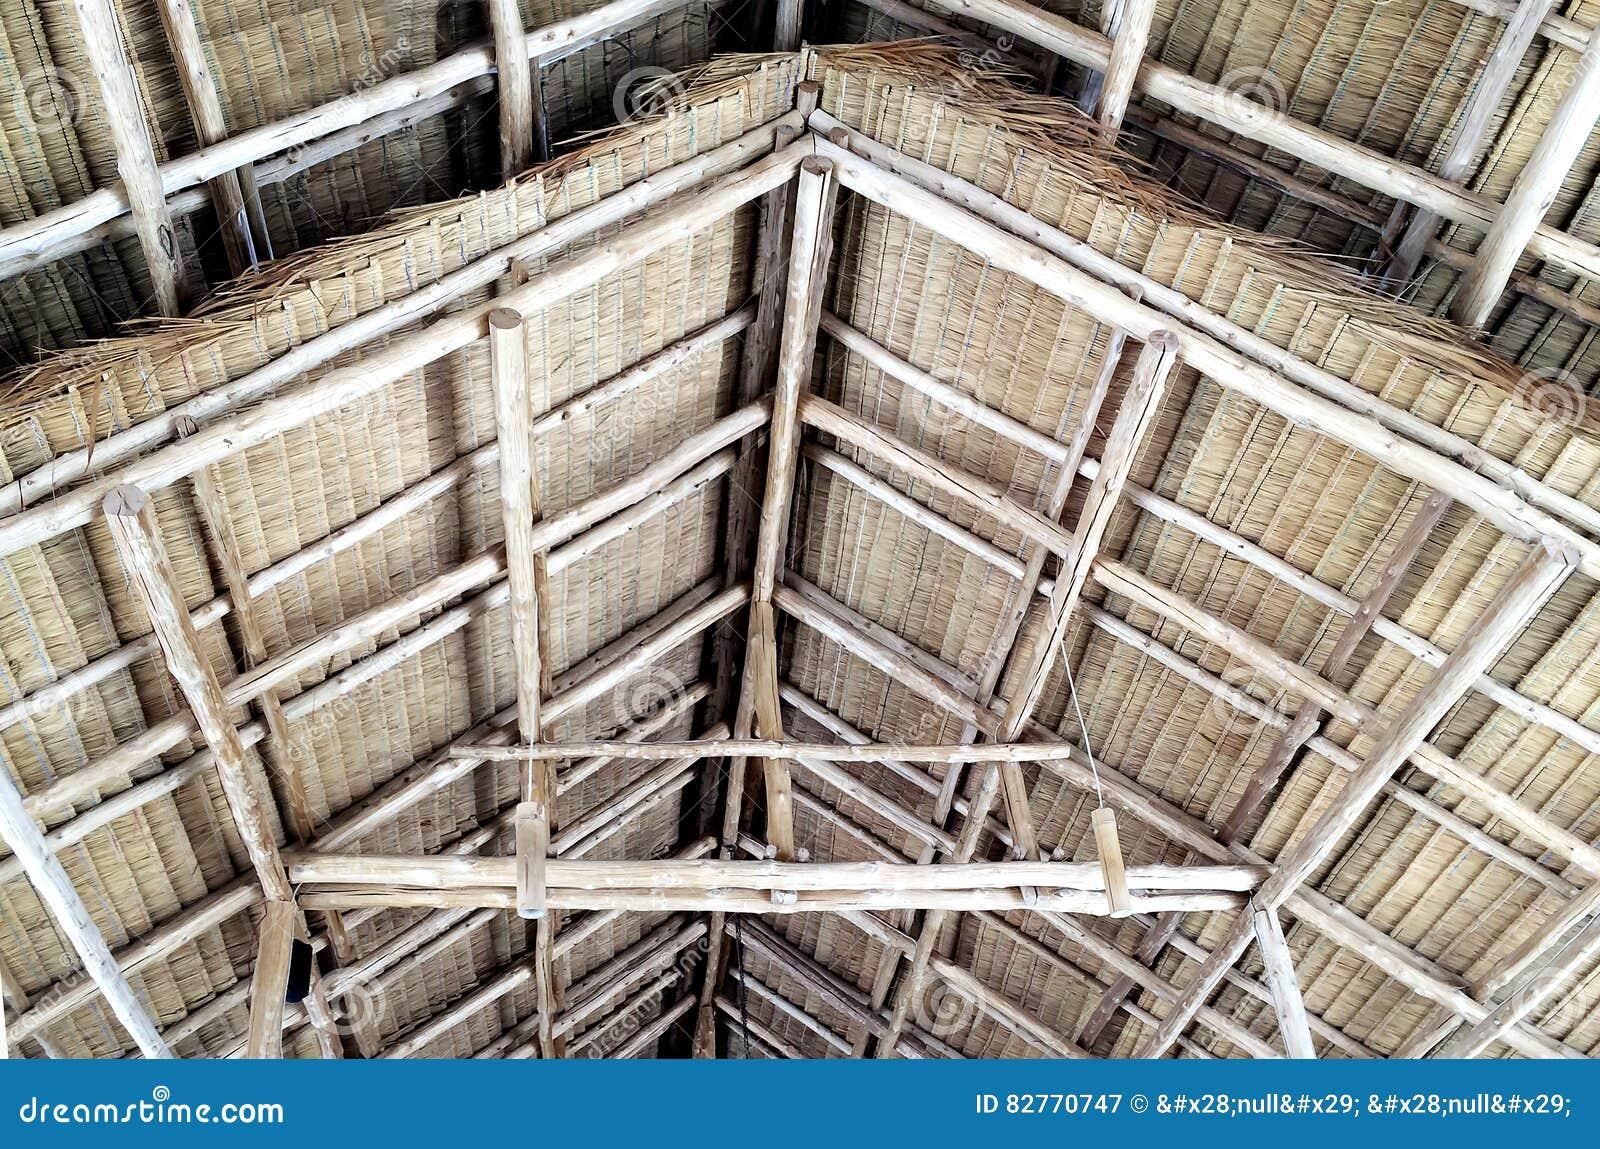 dettagli della struttura di tetto di legno ricoperta di